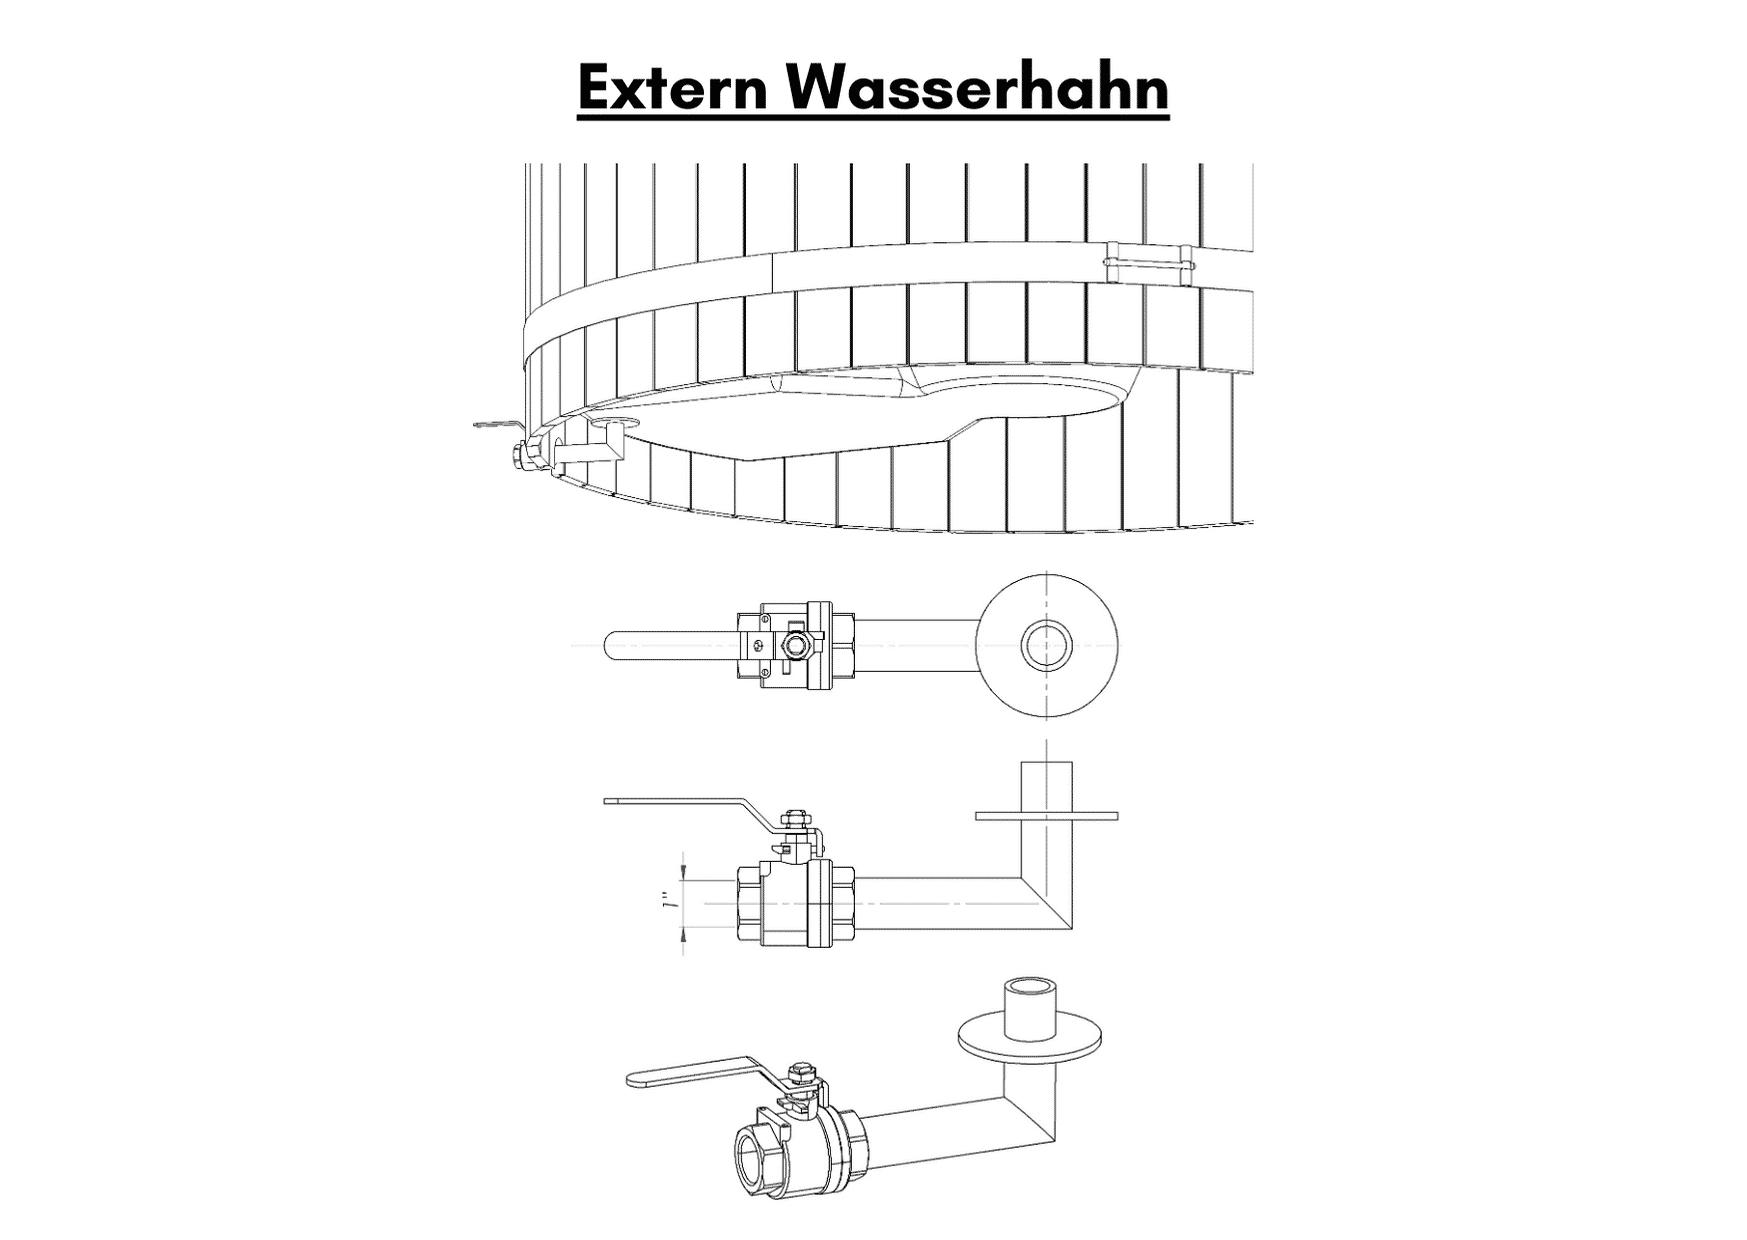 Wellness basic Extern Wasserhahn